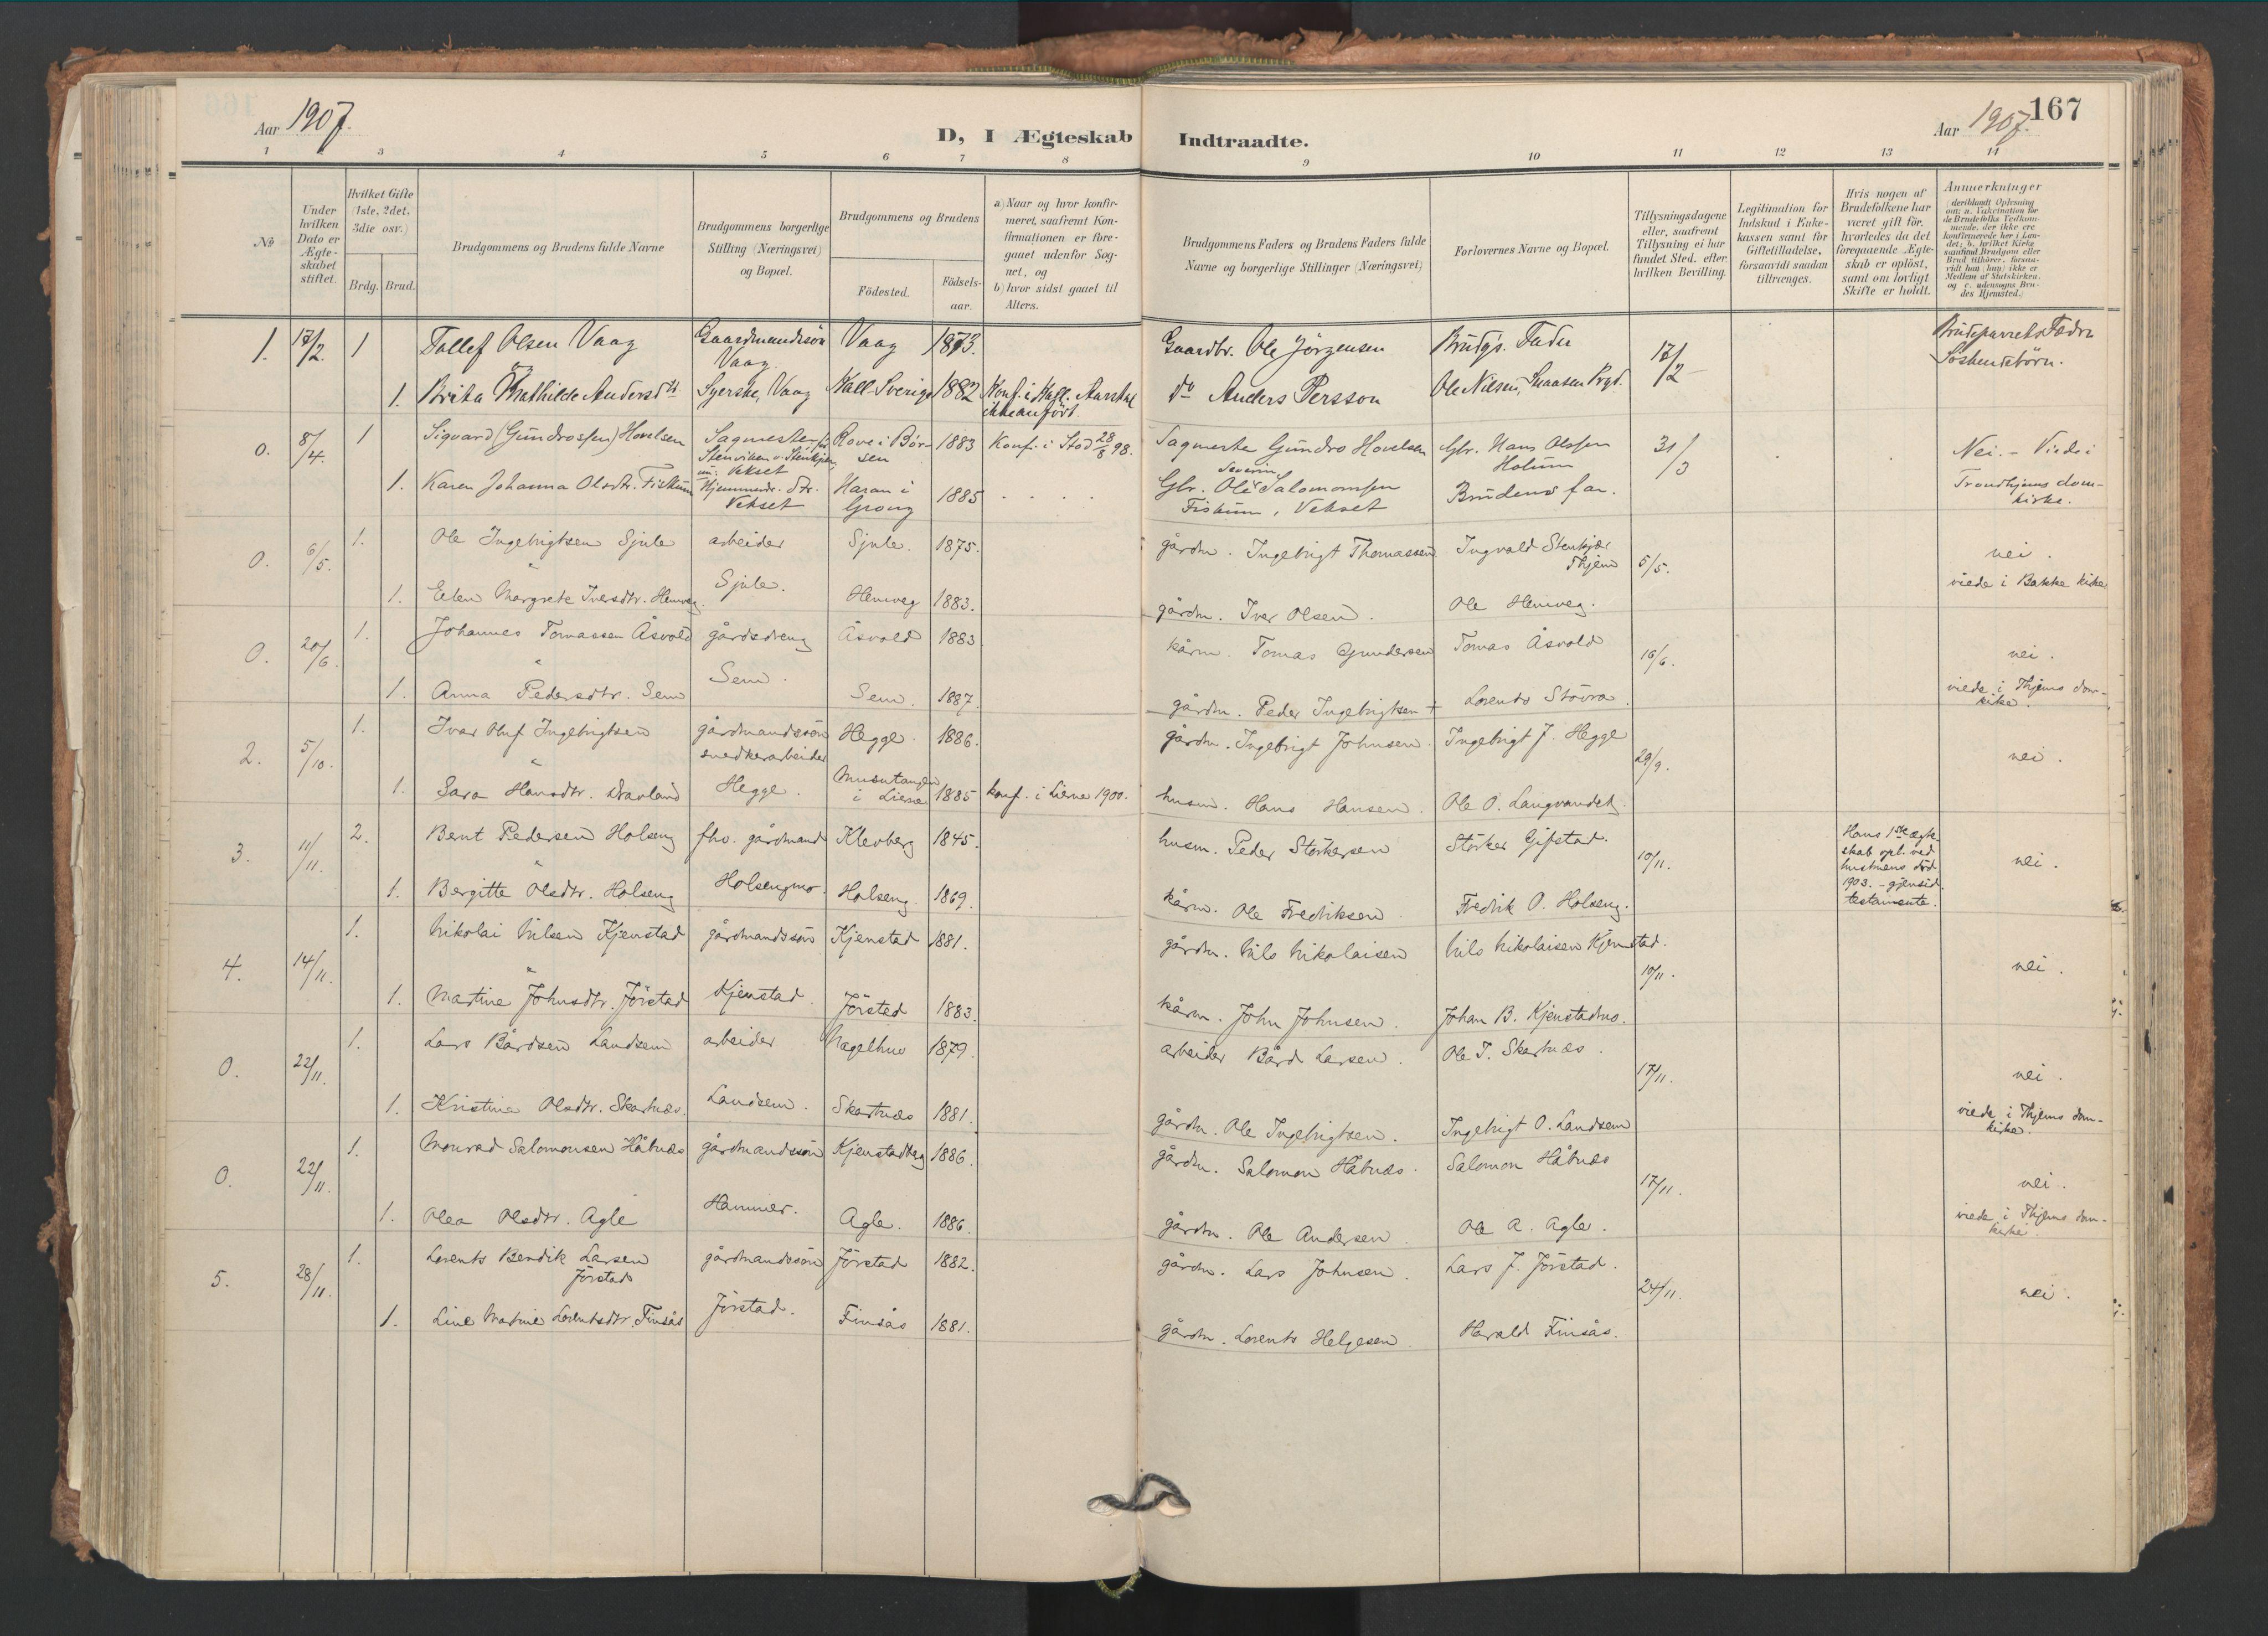 SAT, Ministerialprotokoller, klokkerbøker og fødselsregistre - Nord-Trøndelag, 749/L0477: Ministerialbok nr. 749A11, 1902-1927, s. 167